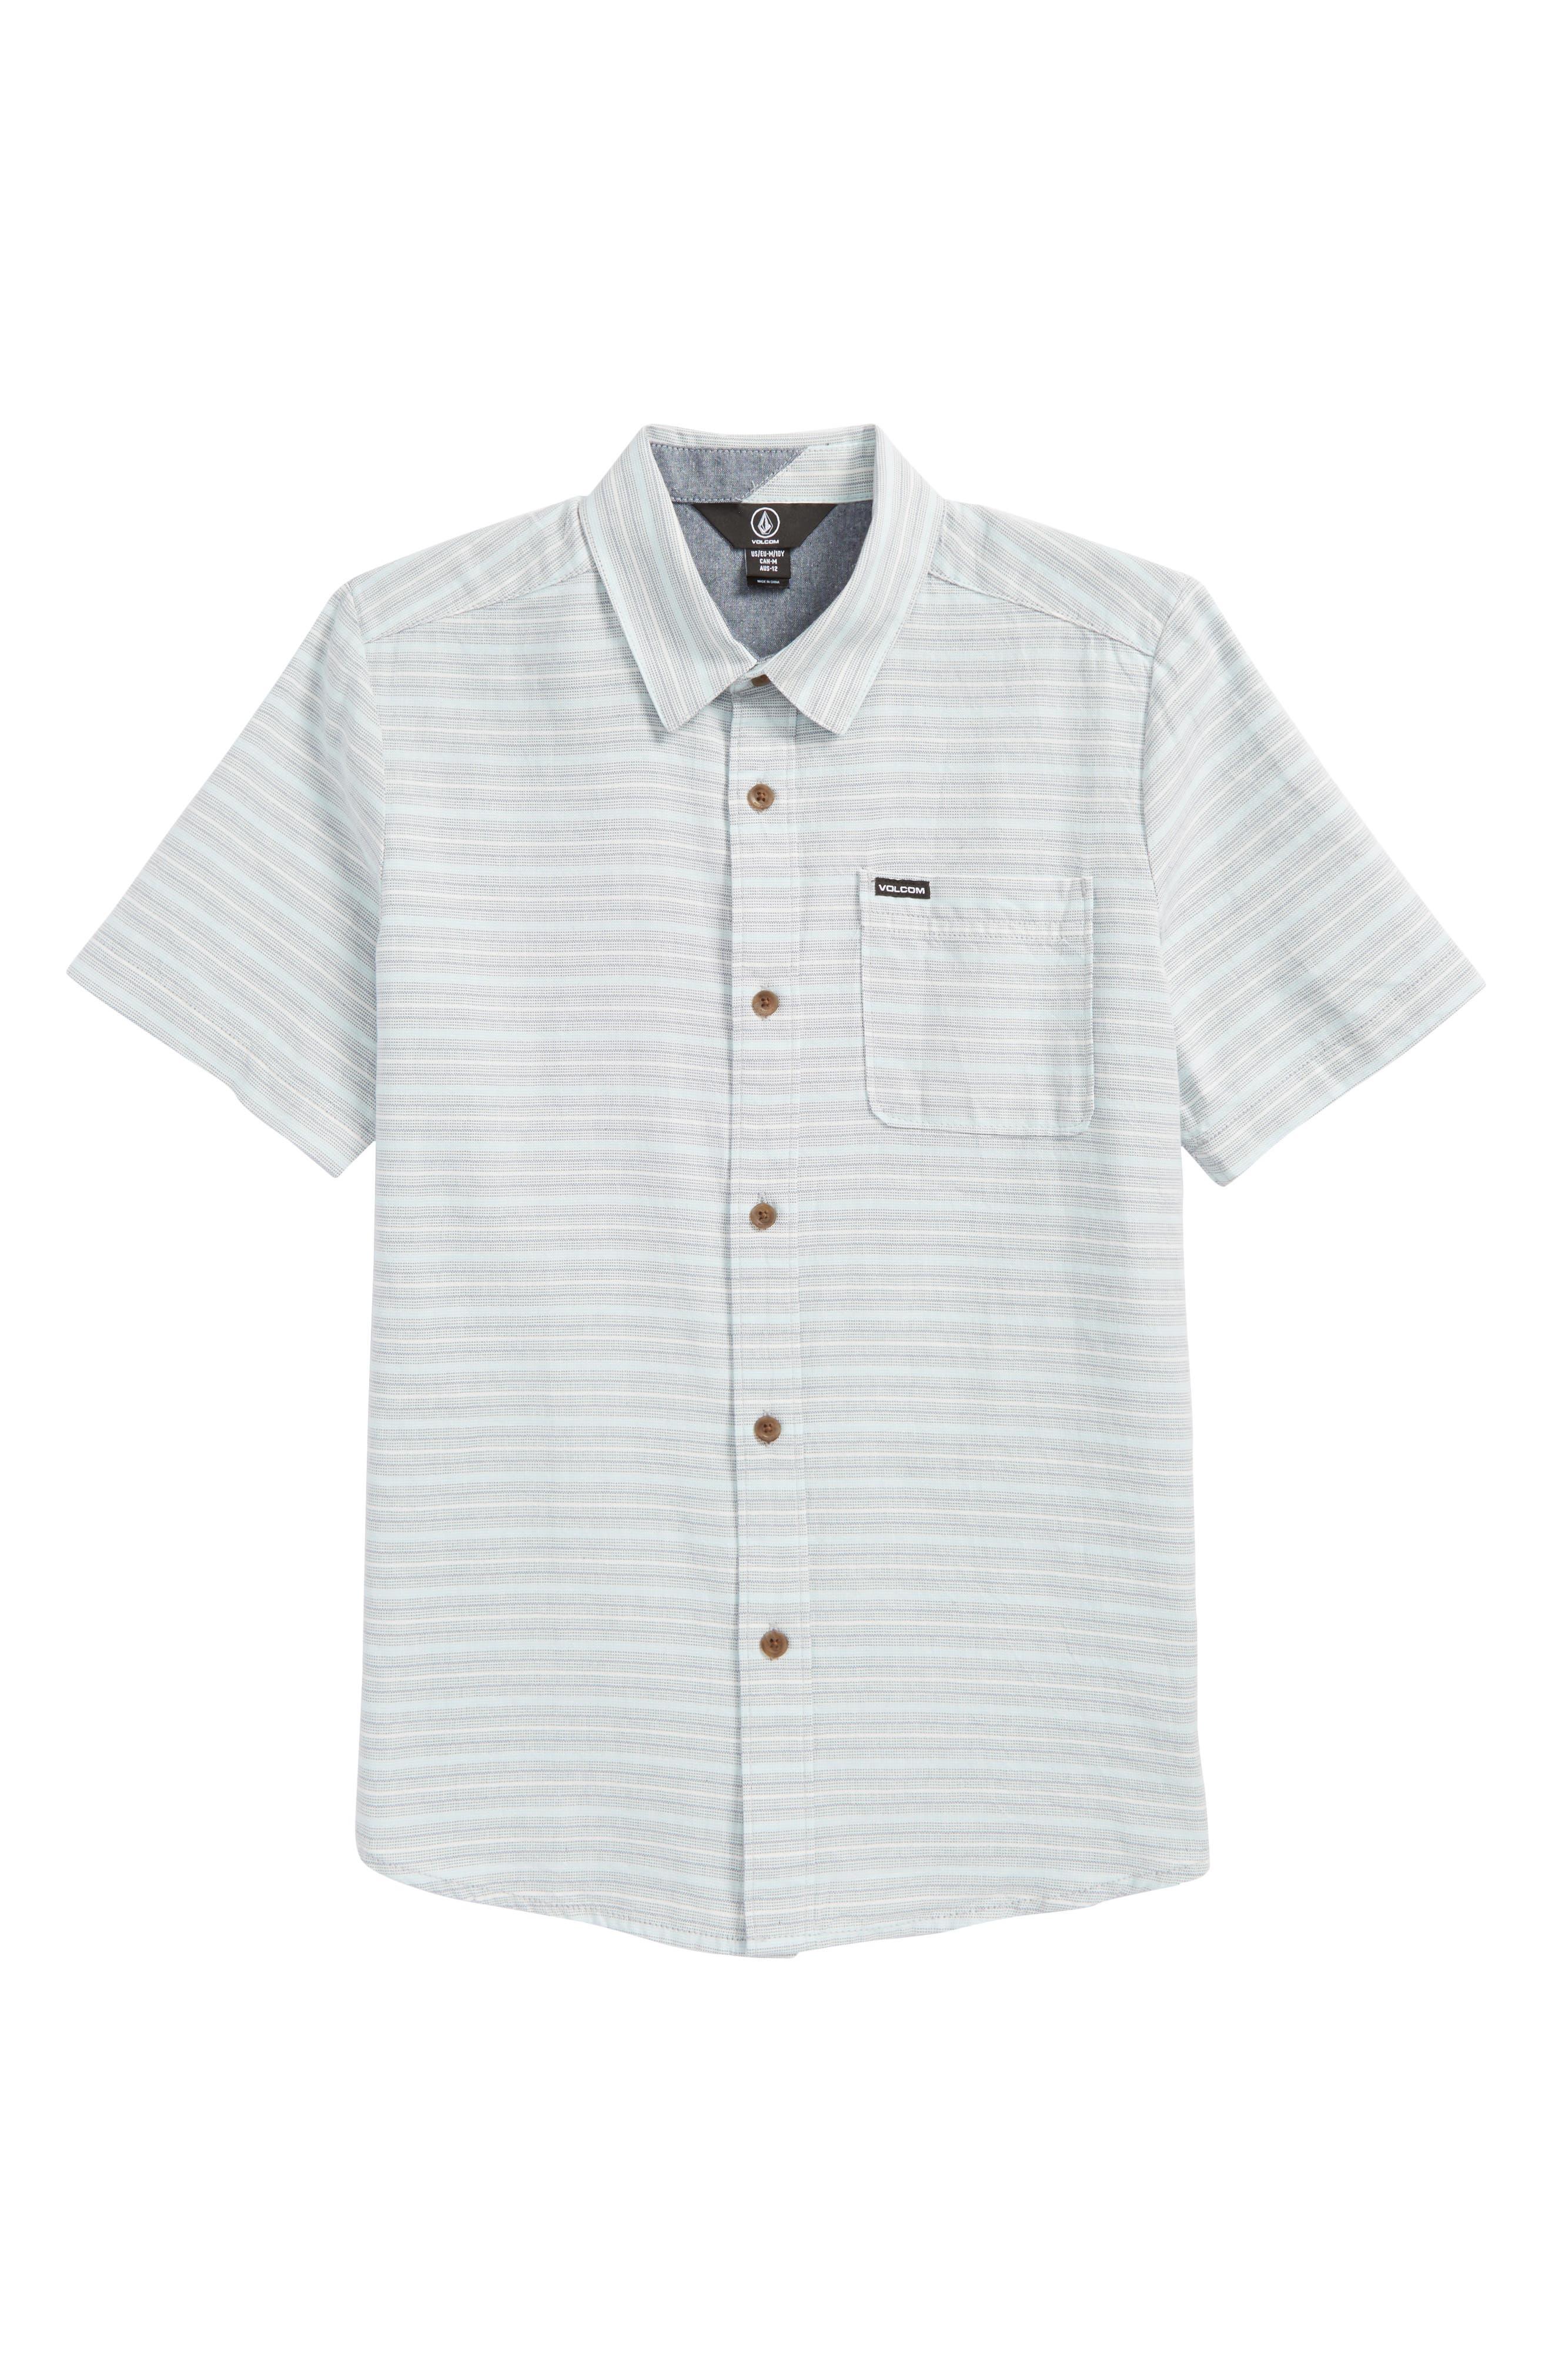 Alternate Image 1 Selected - Volcom Eastport Basket Weave Shirt (Big Boys)